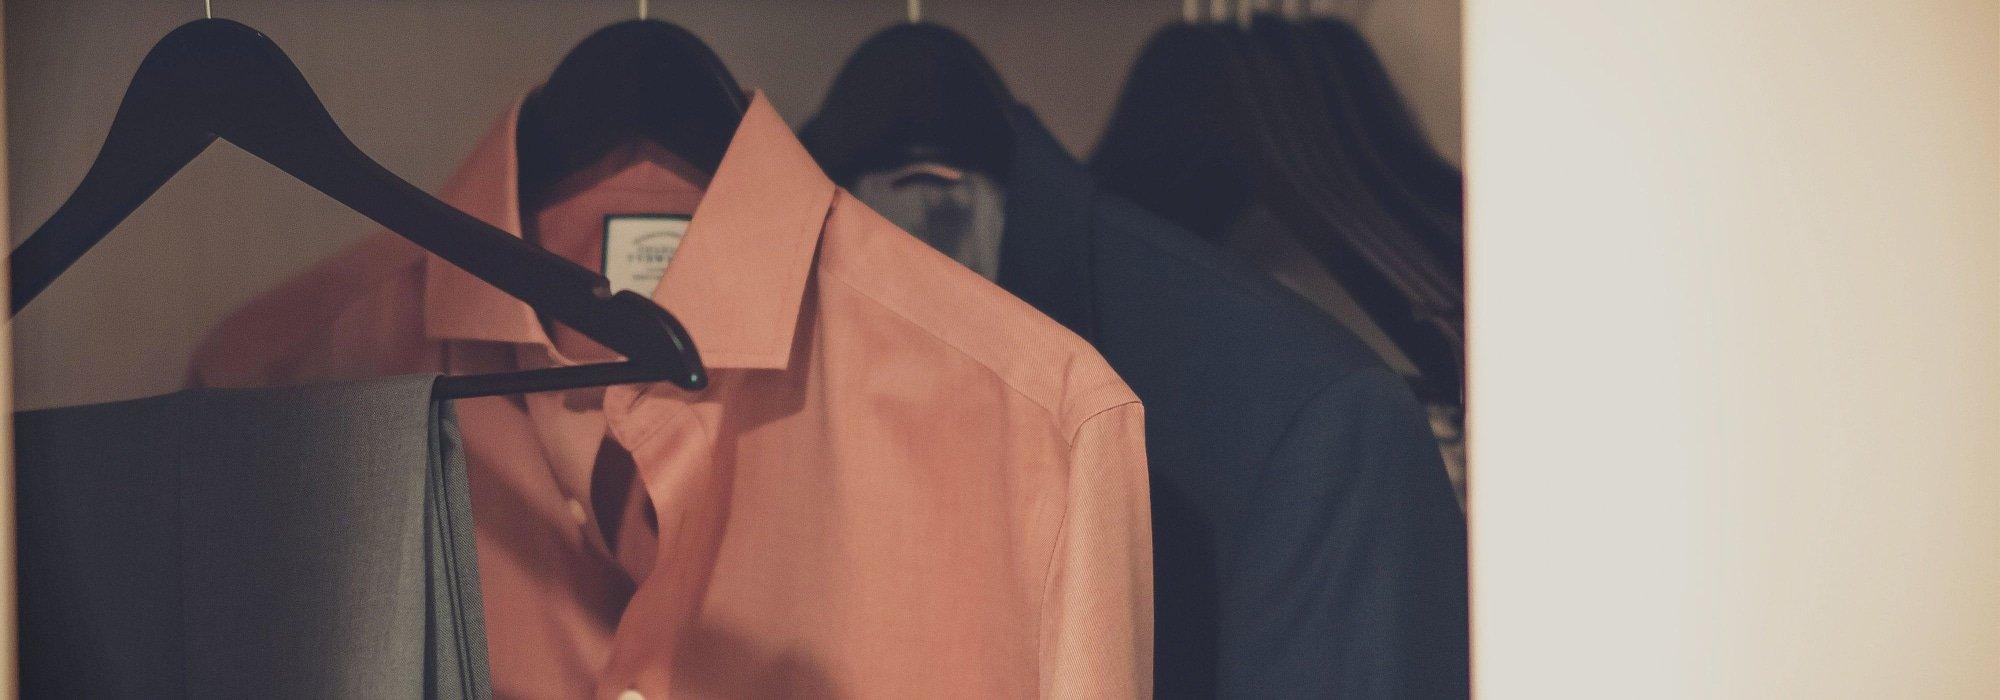 Cómo medir el tamaño de la camisa de un hombre